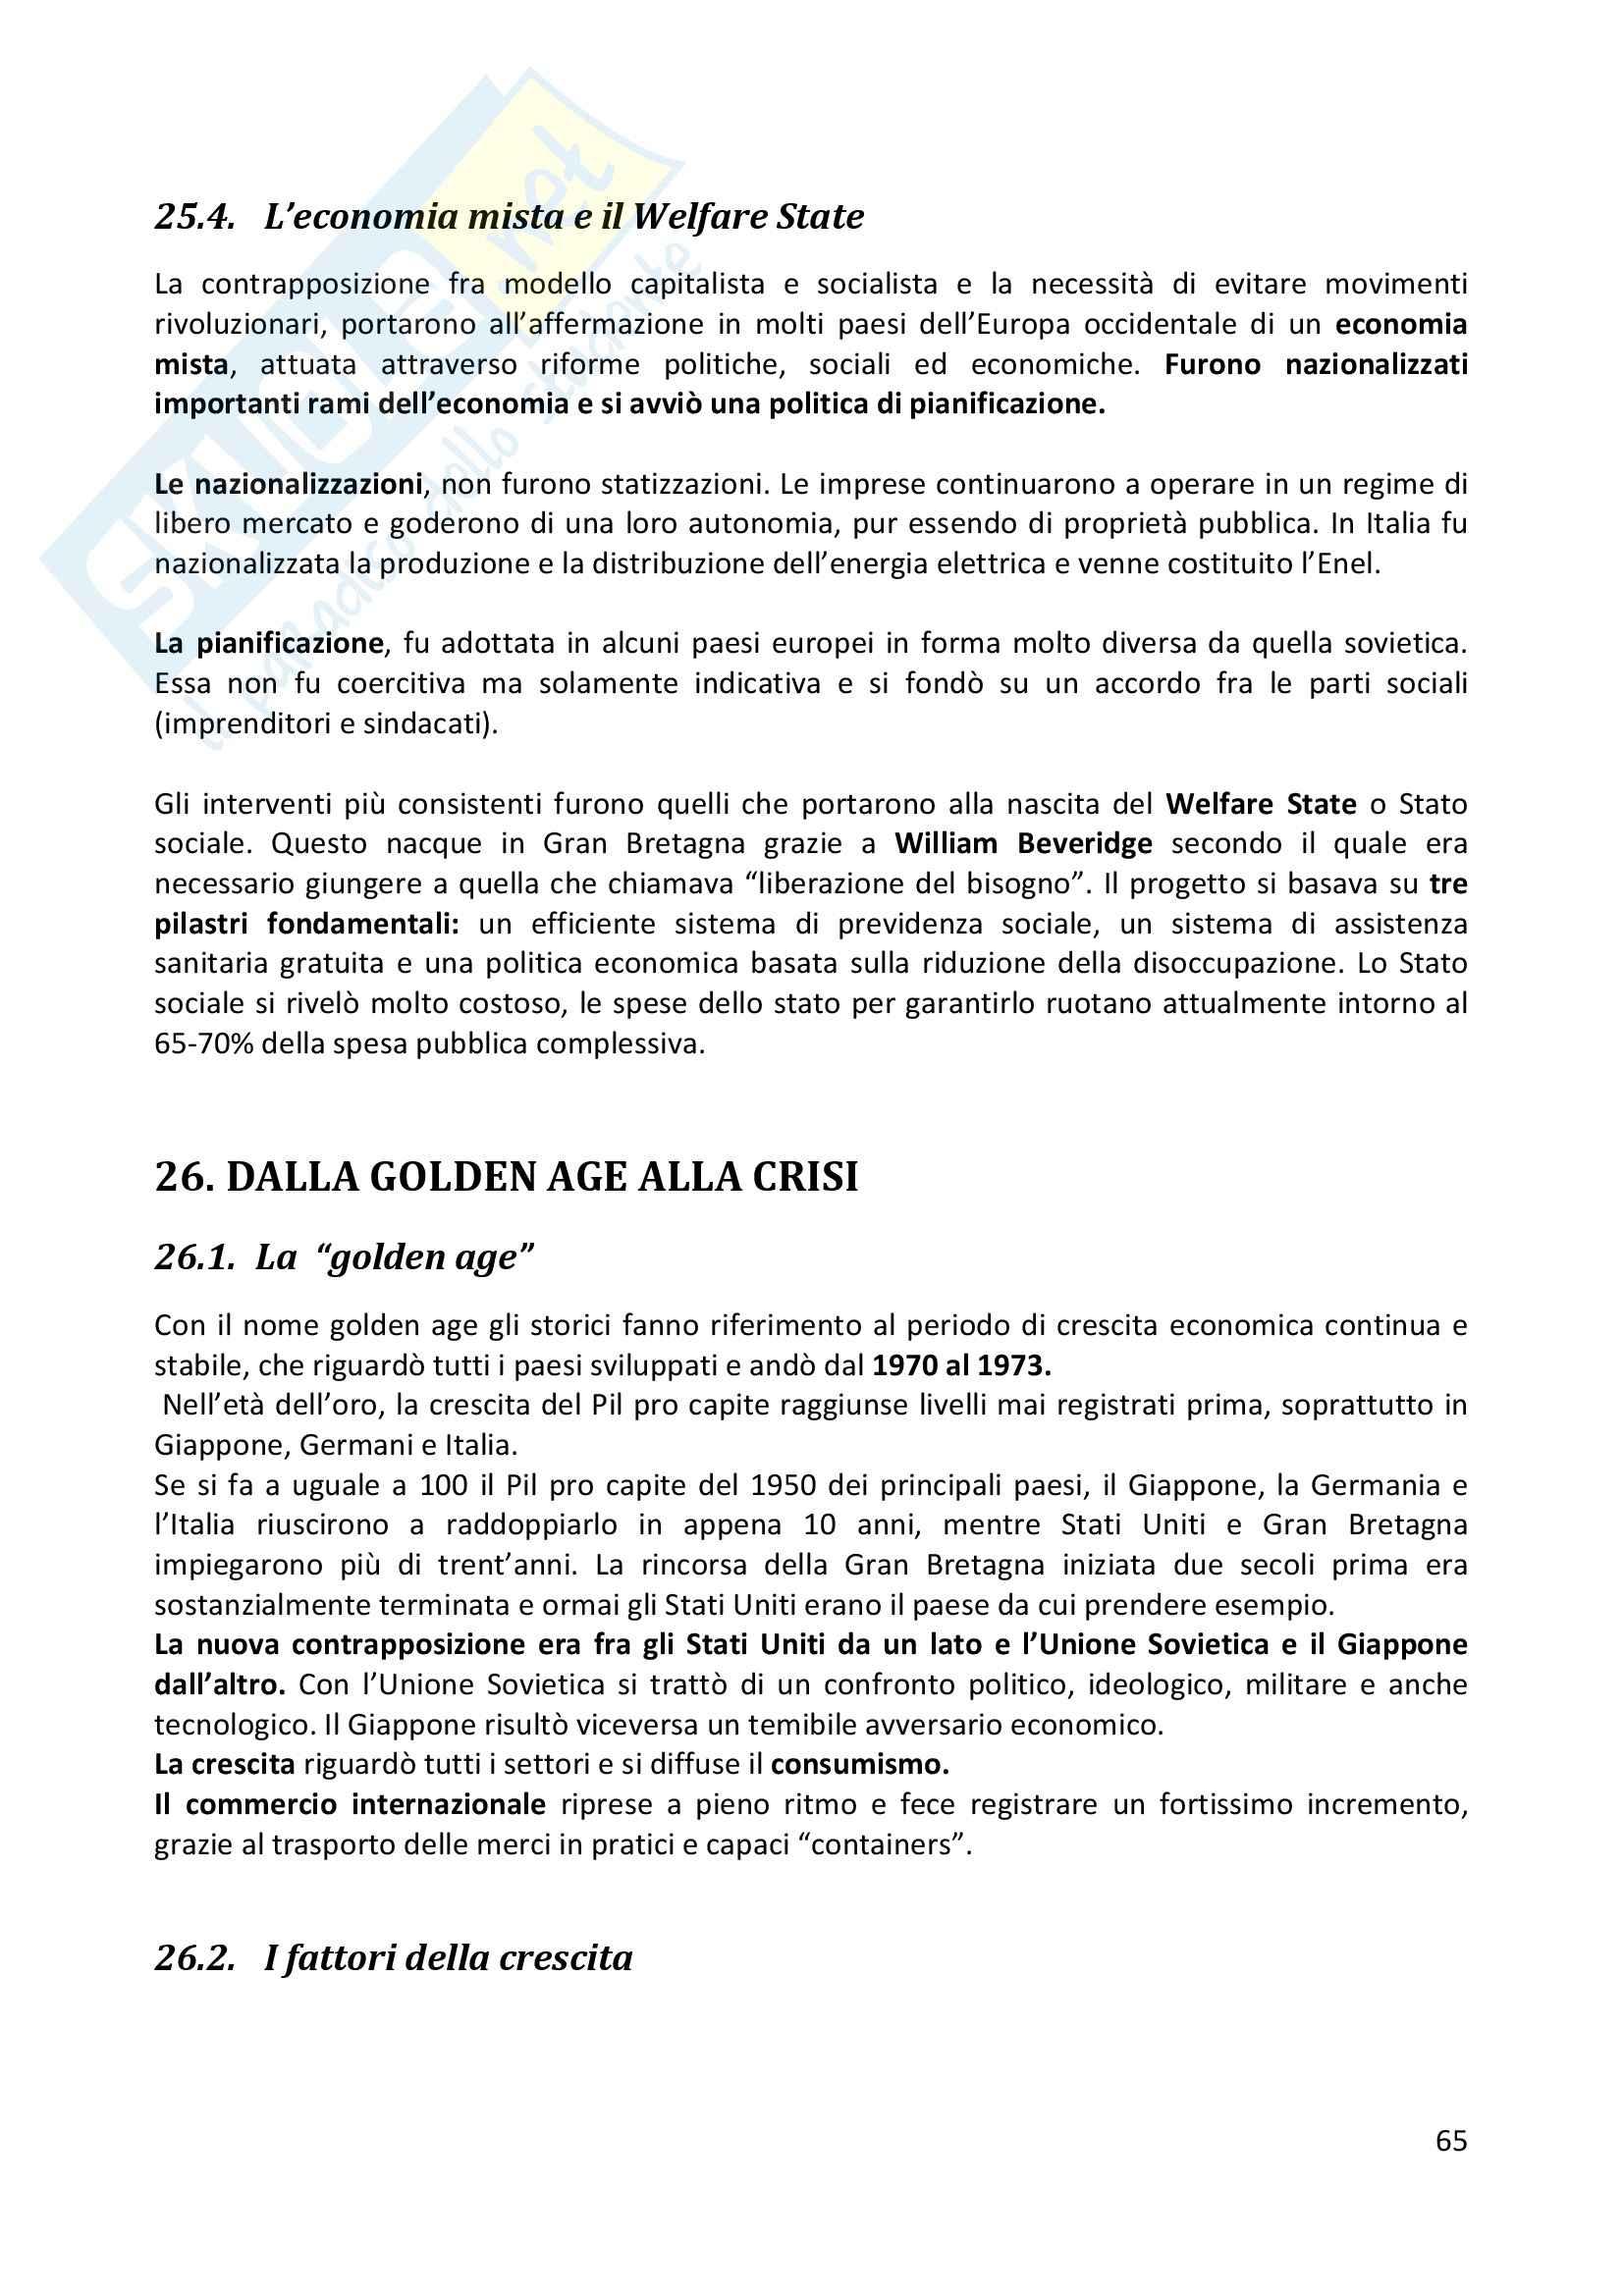 Riassunto esame completo per paragrafi- Storia Economica De Simone, prof. Di Taranto Pag. 66